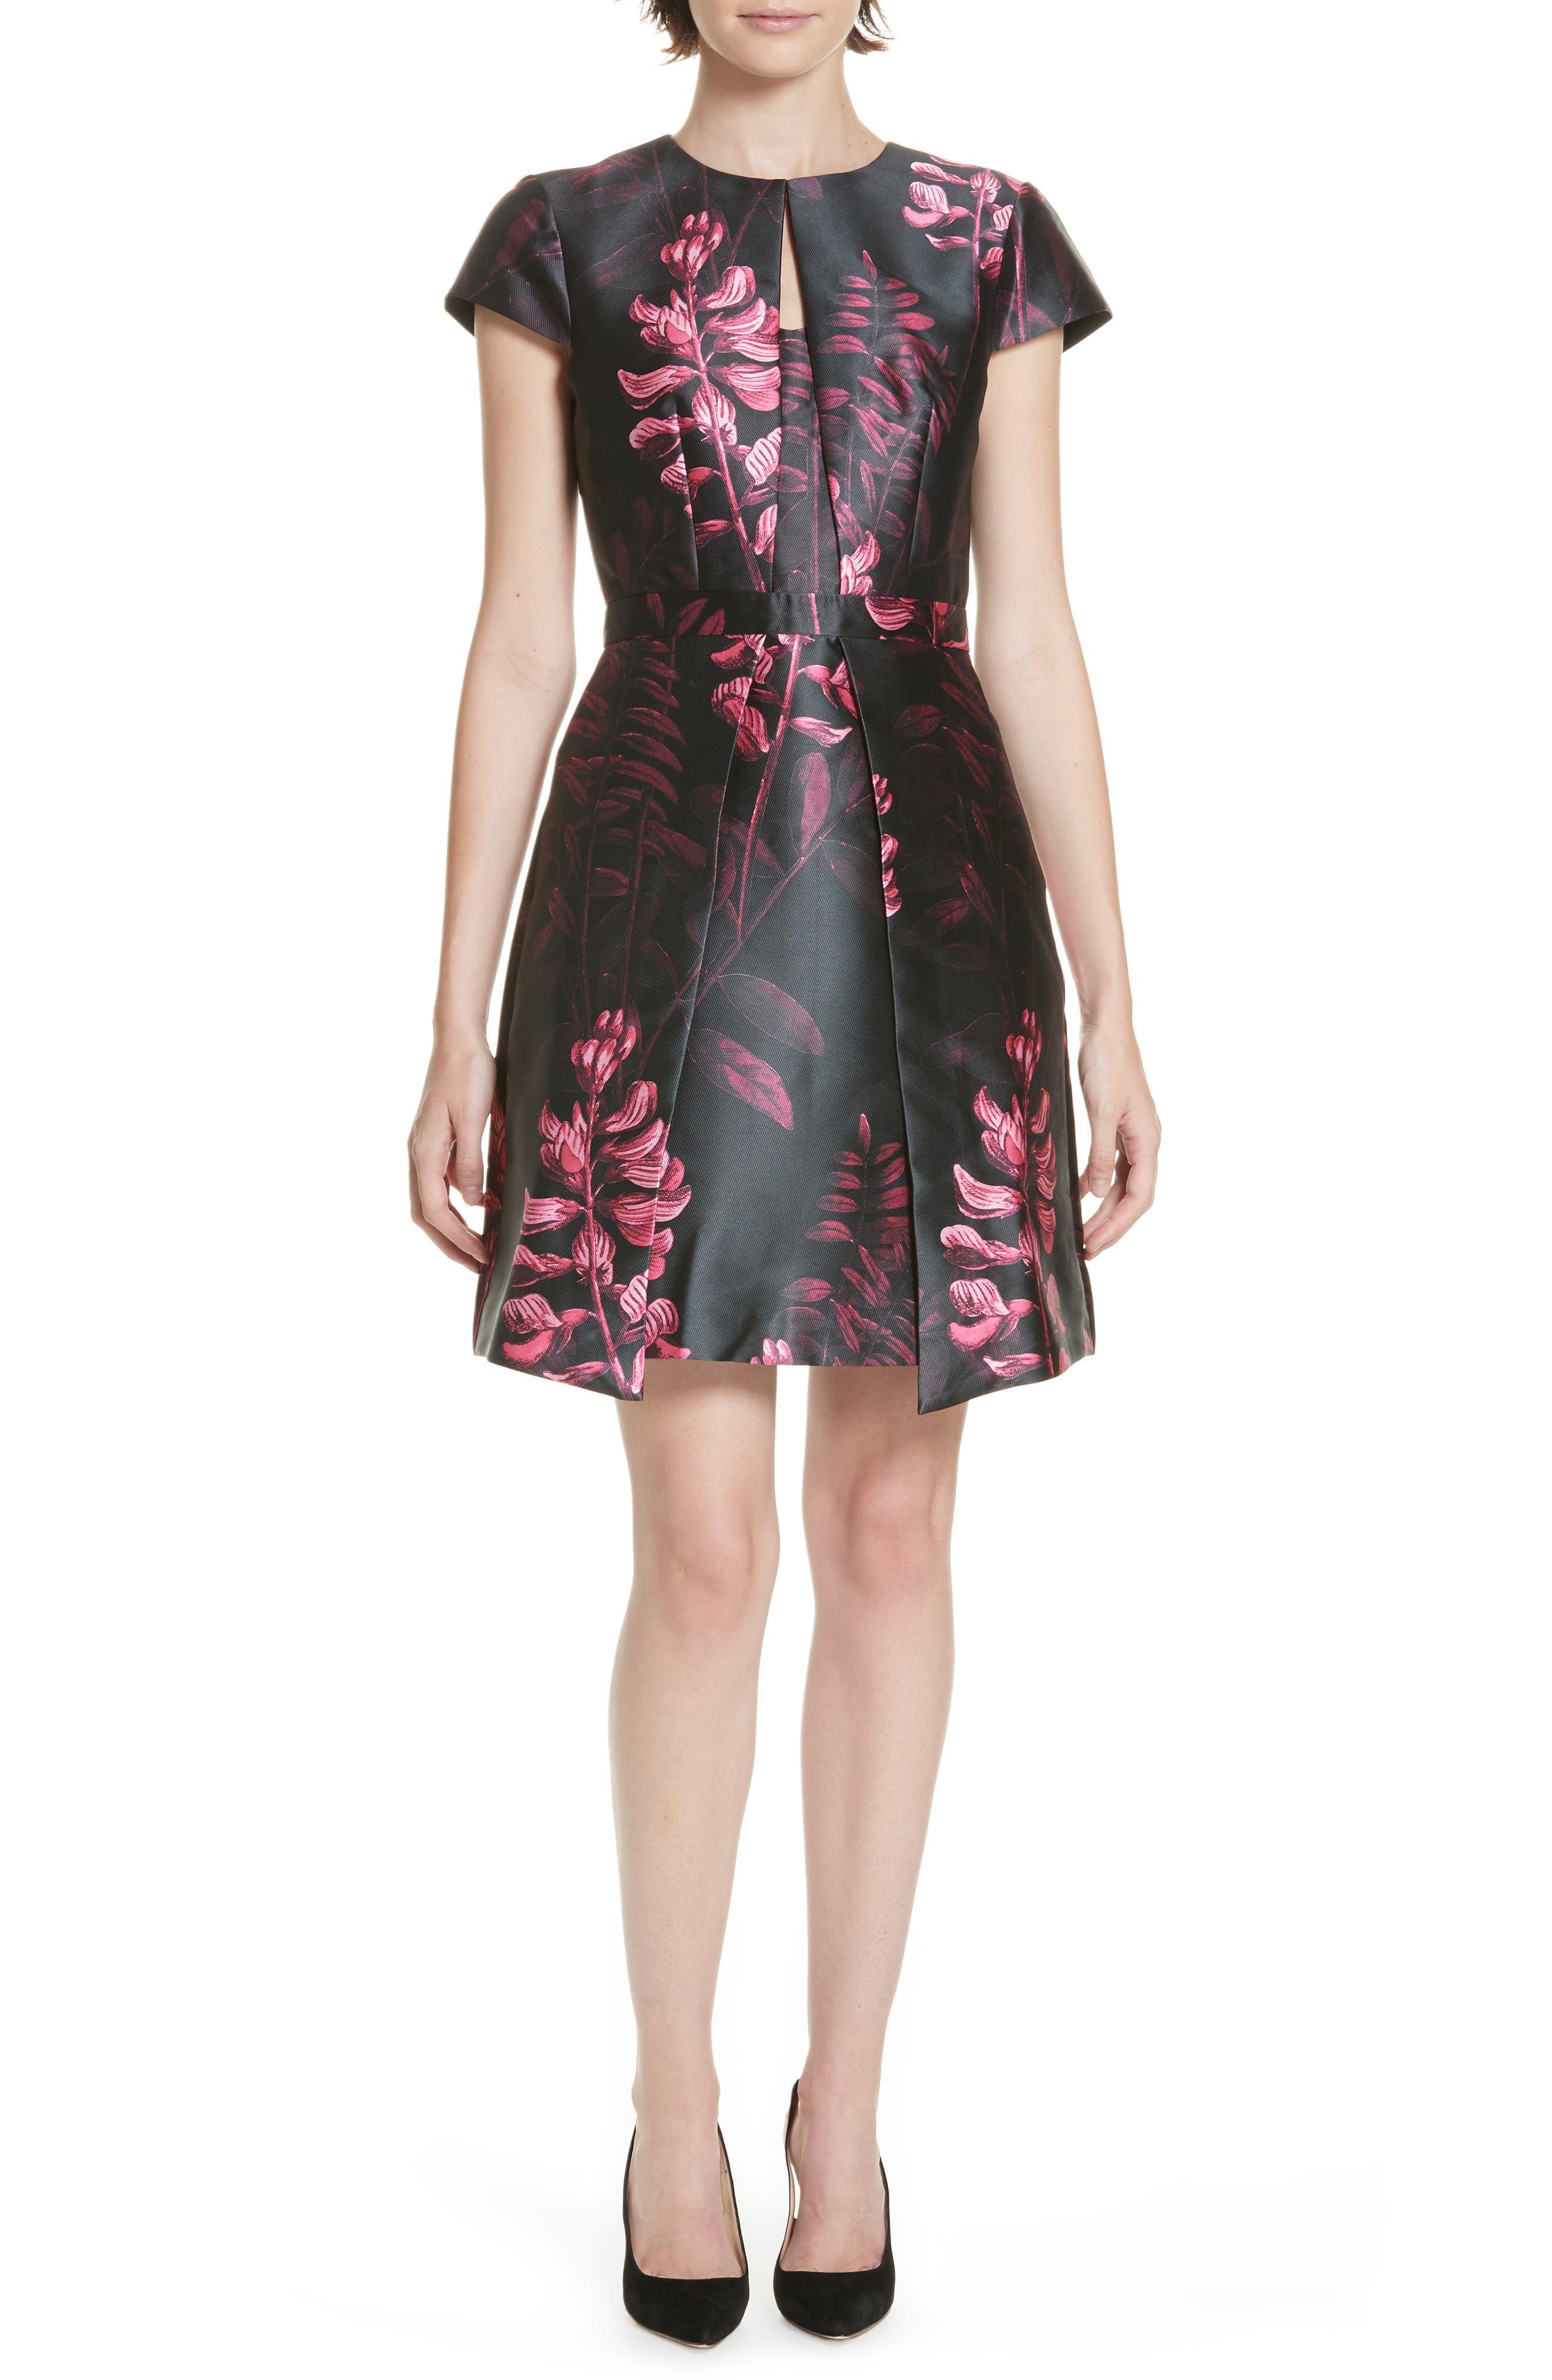 Jebby Splendor Jacquard Fit & Flare Dress,                             Main thumbnail 1, color,                             001